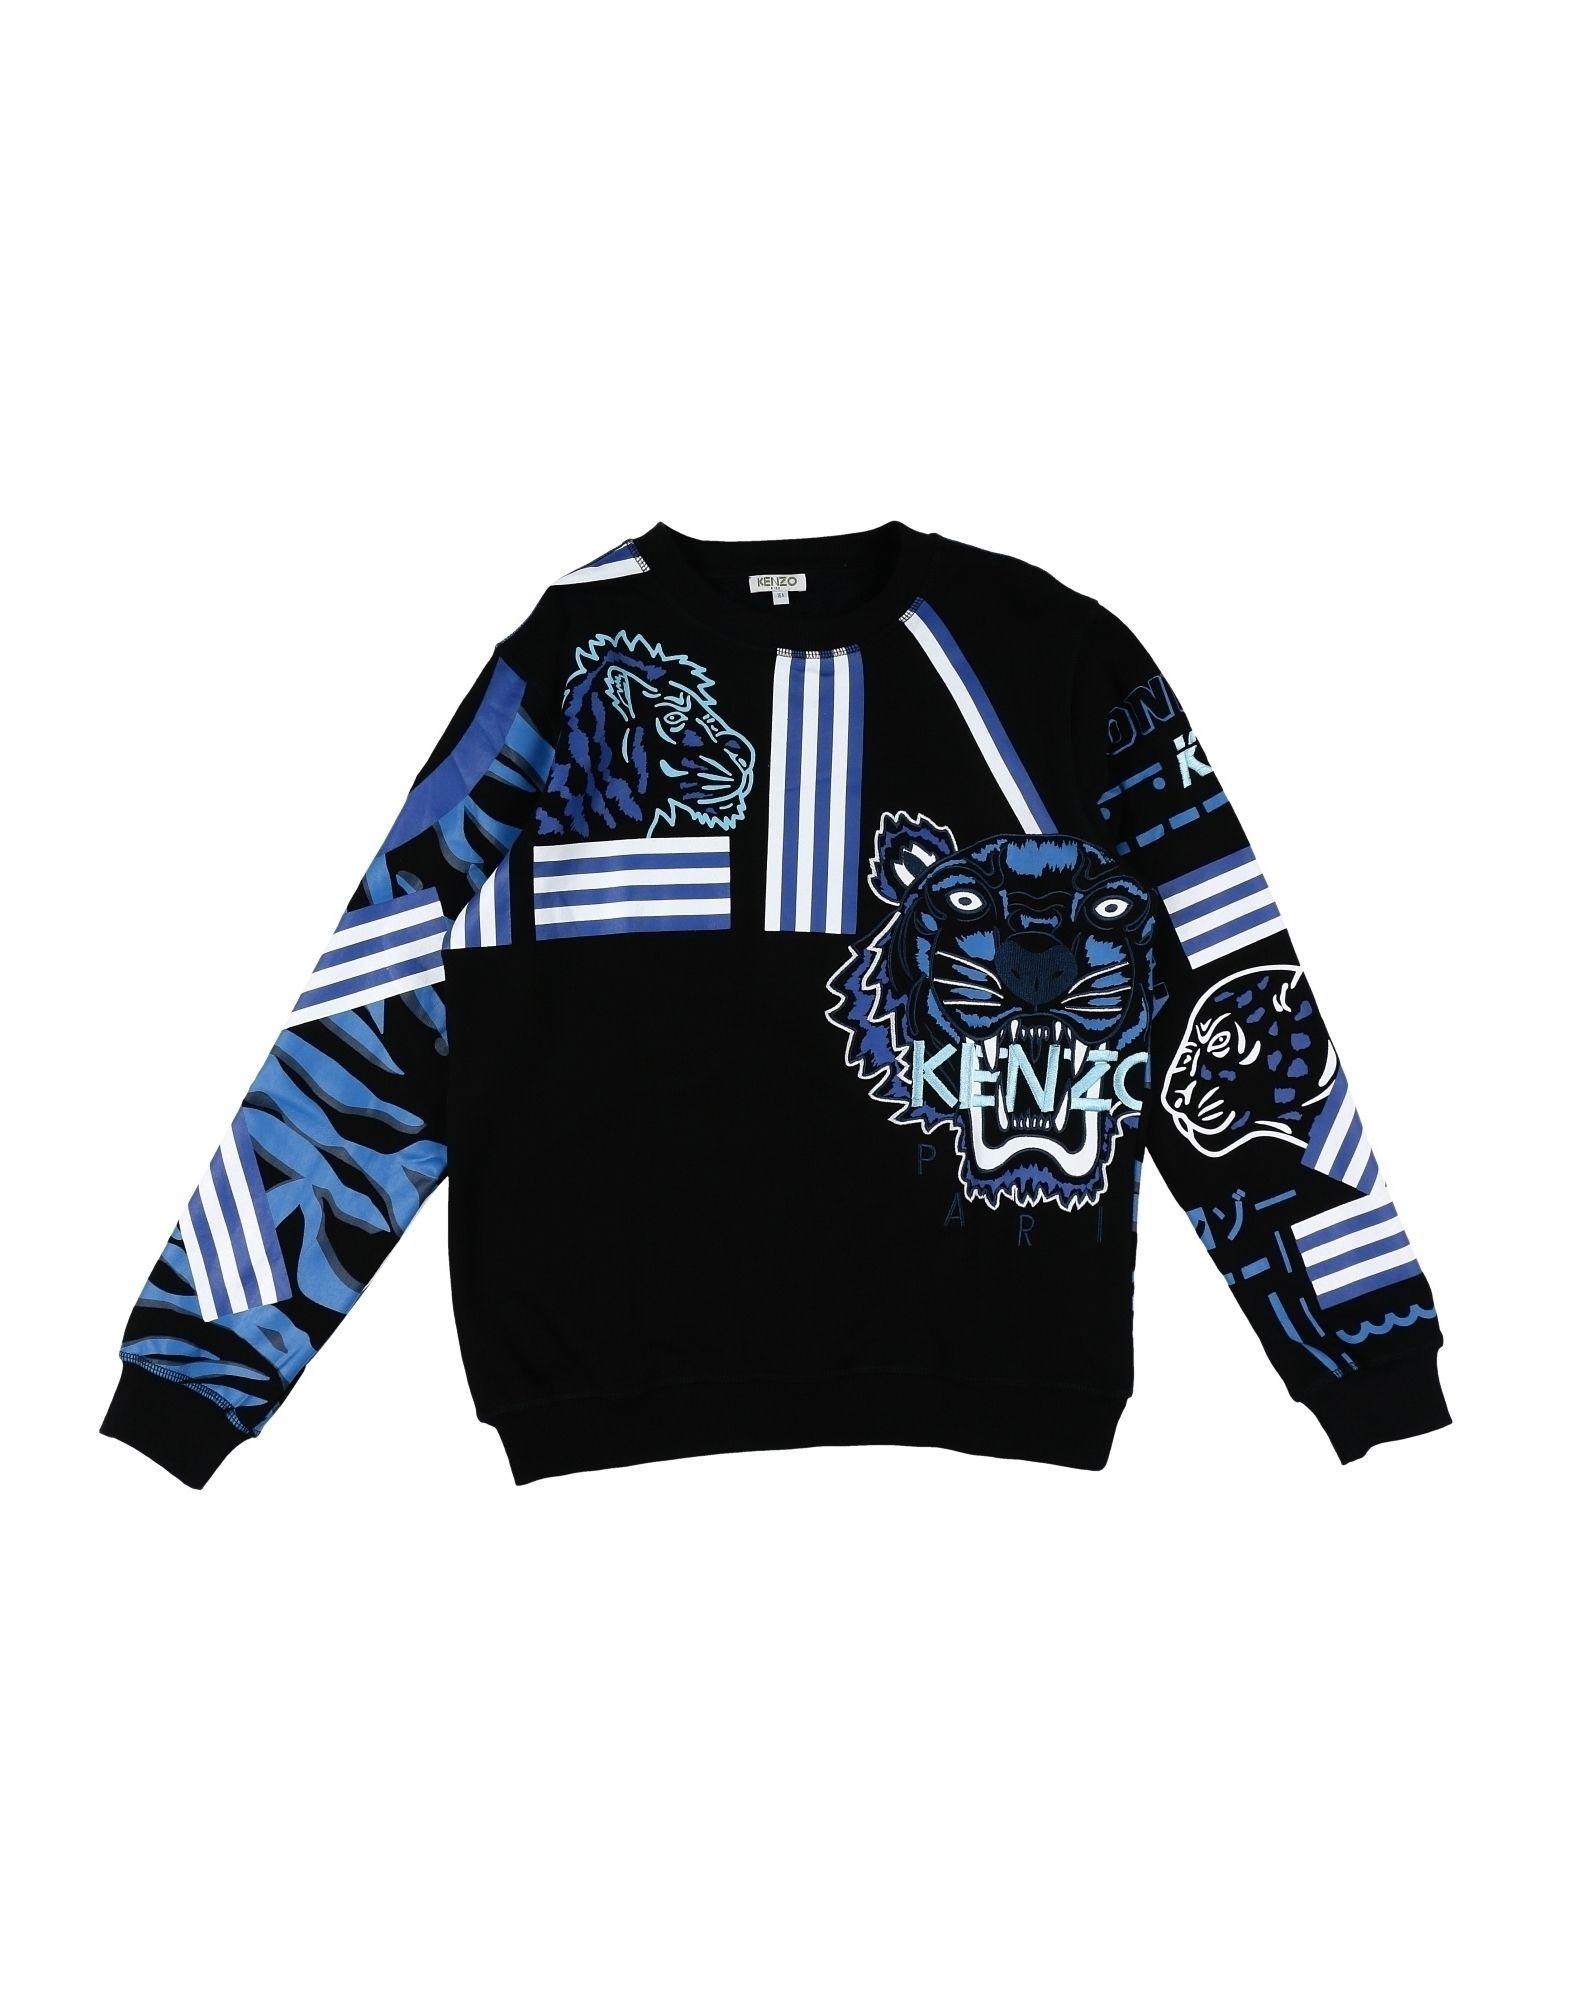 KENZO Jungen 9-16 jahre Sweatshirt Farbe Schwarz Größe 2 - broschei